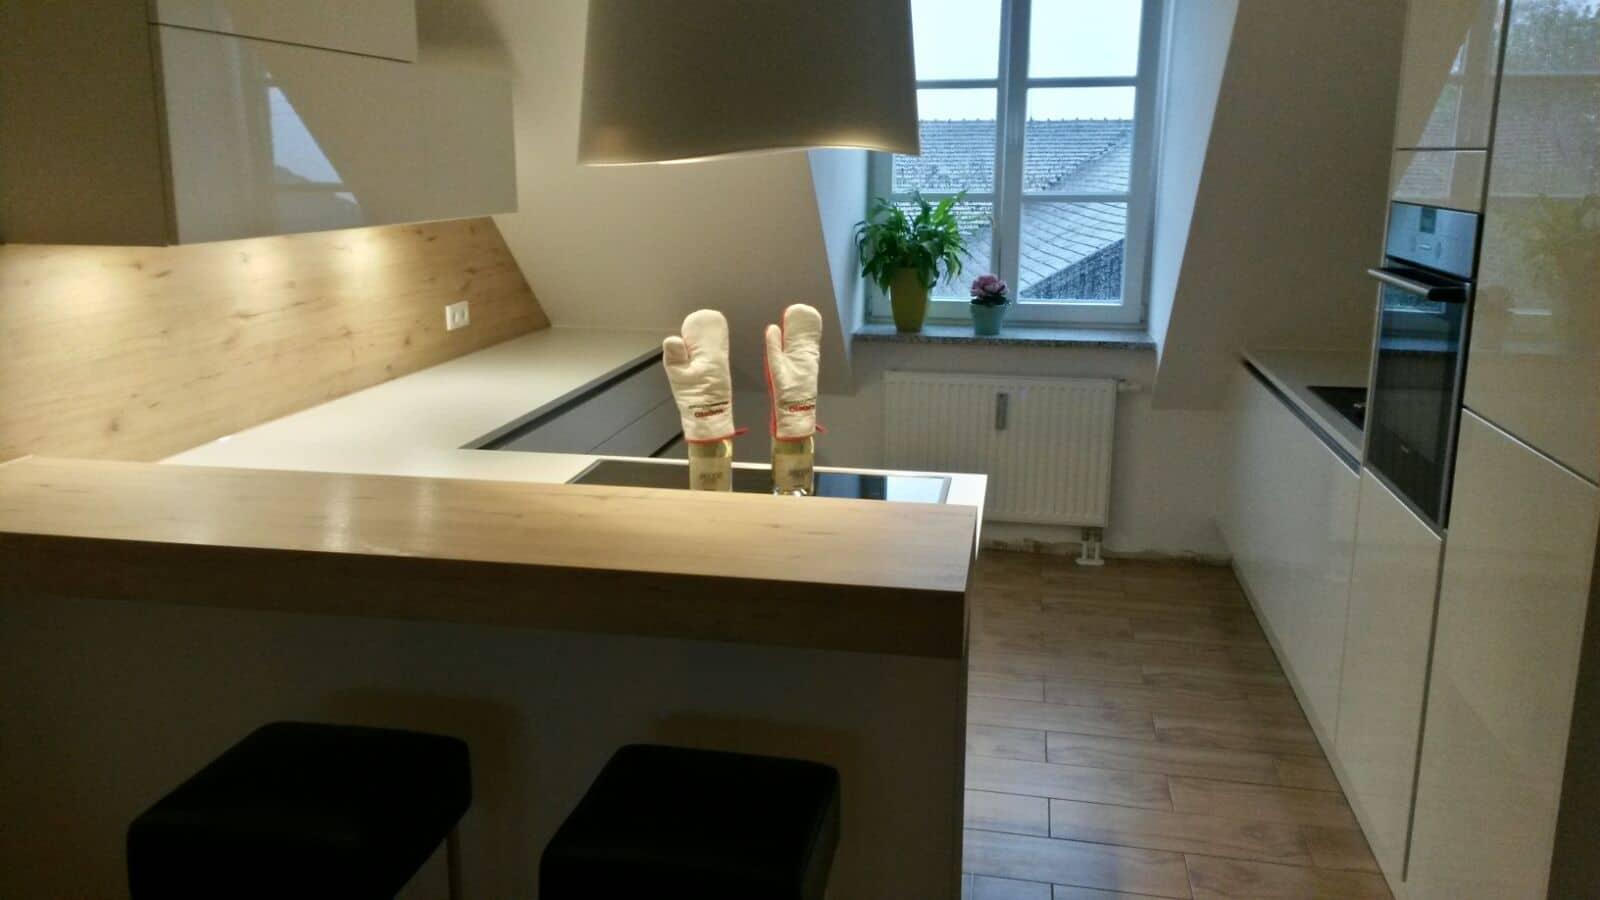 Kuchenrenovierung munchen rheumricom for Küchenrenovierung